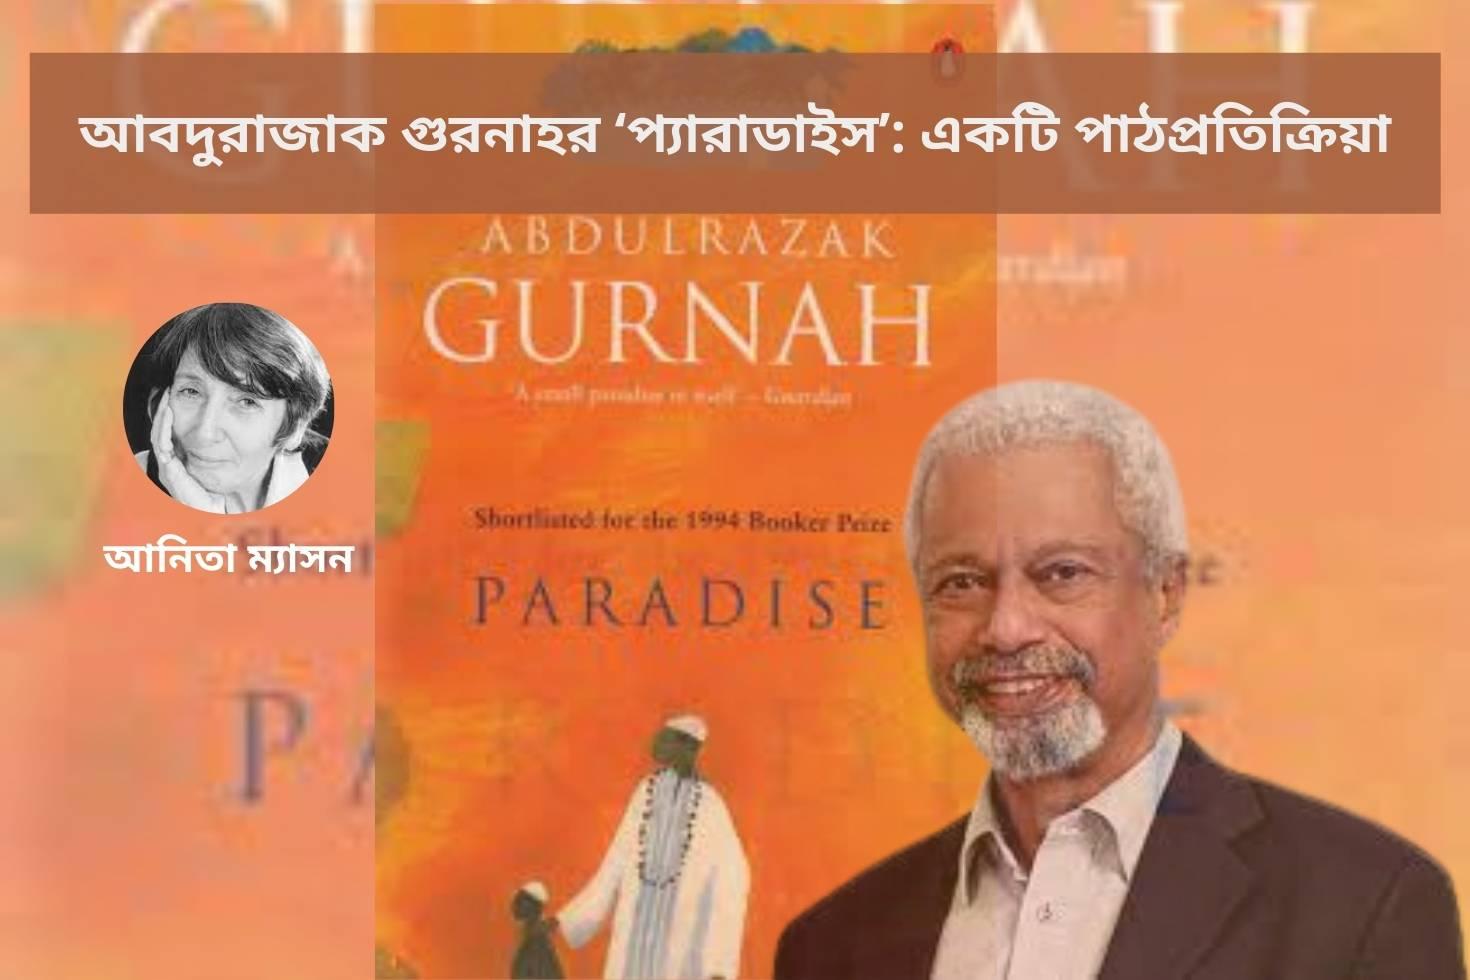 আবদুরাজাক গুরনাহর 'প্যারাডাইস': একটি পাঠপ্রতিক্রিয়া